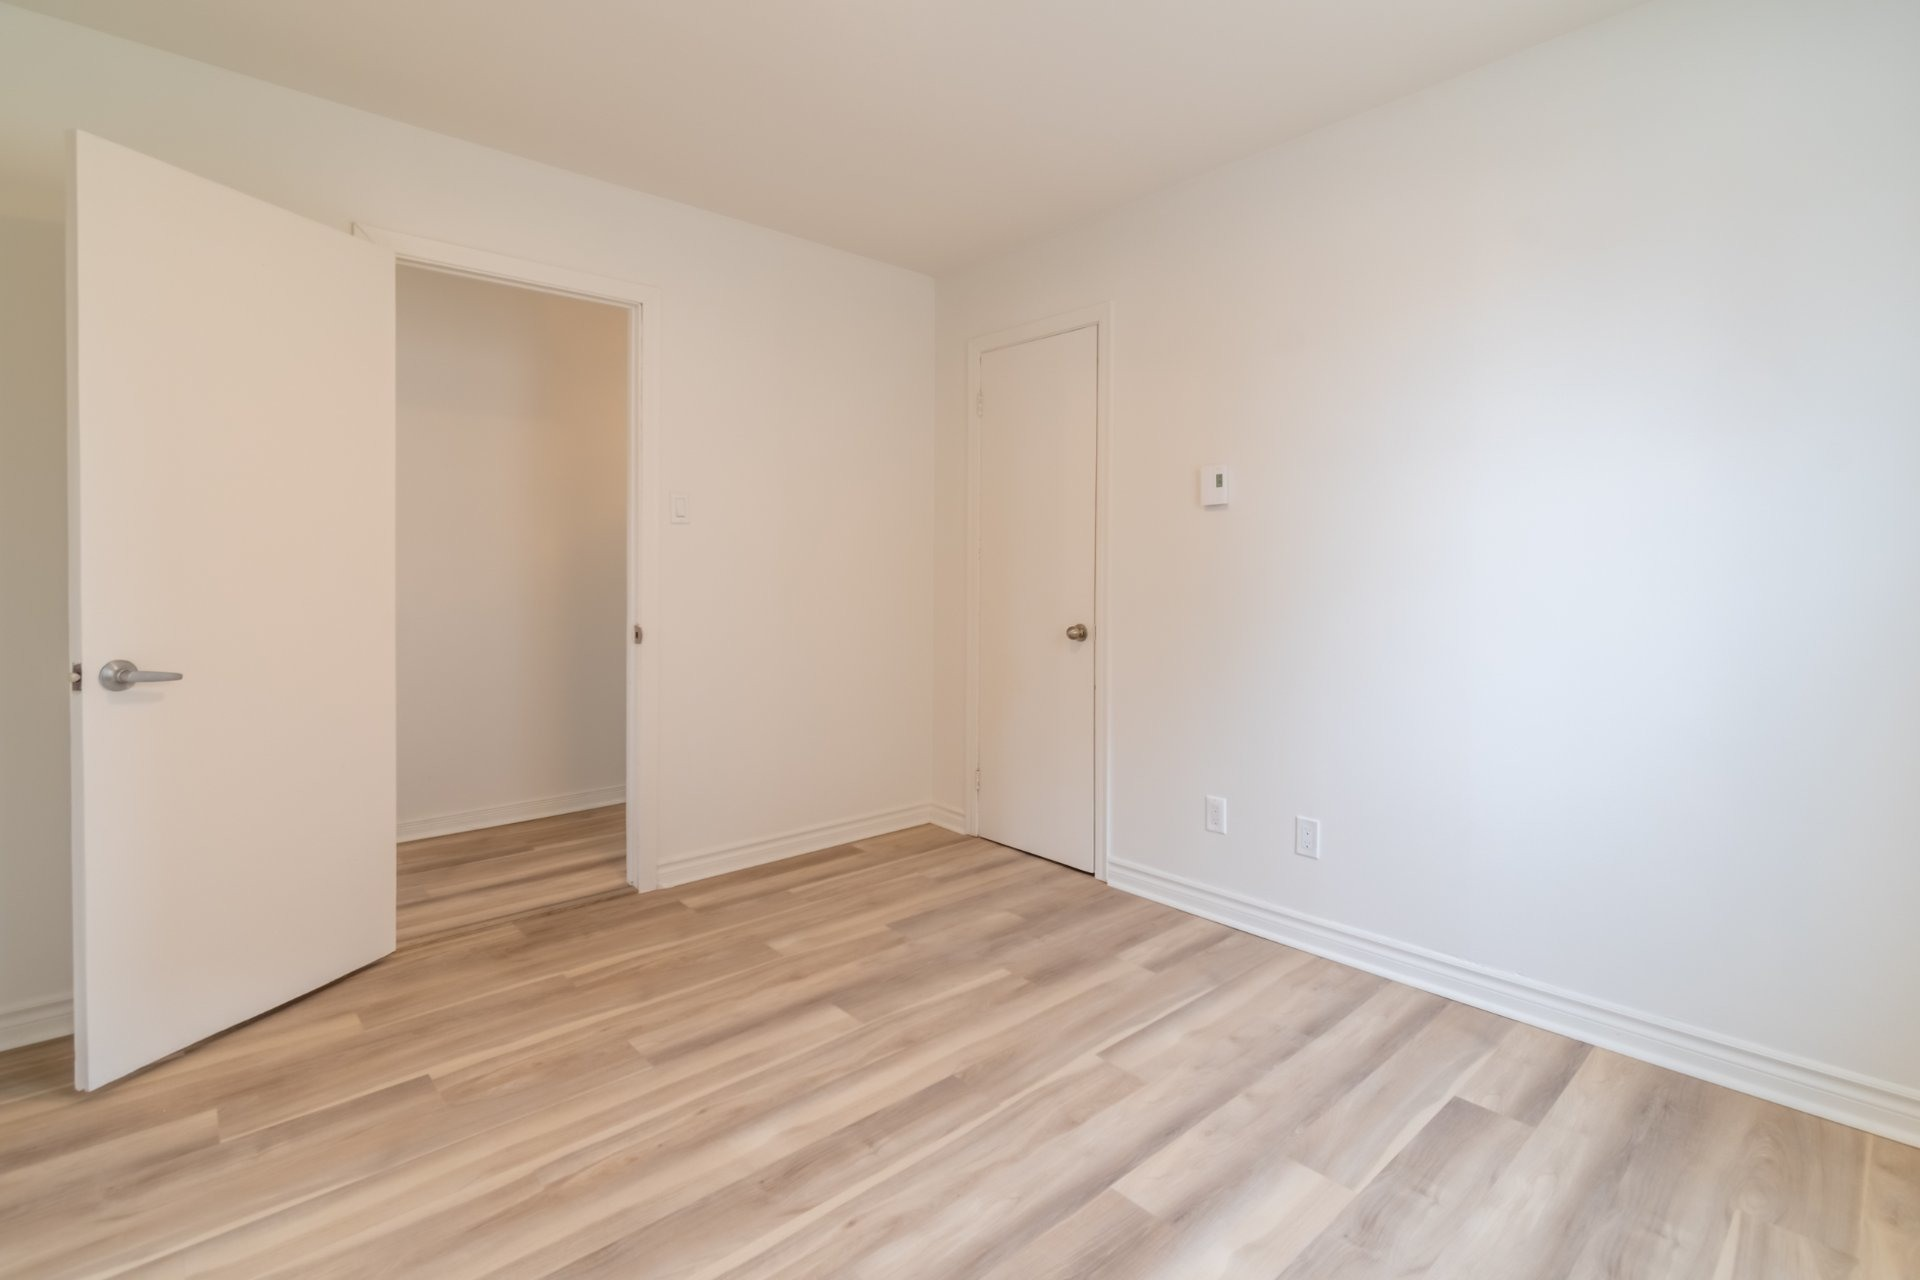 image 14 - Duplex For sale Trois-Rivières - 5 rooms